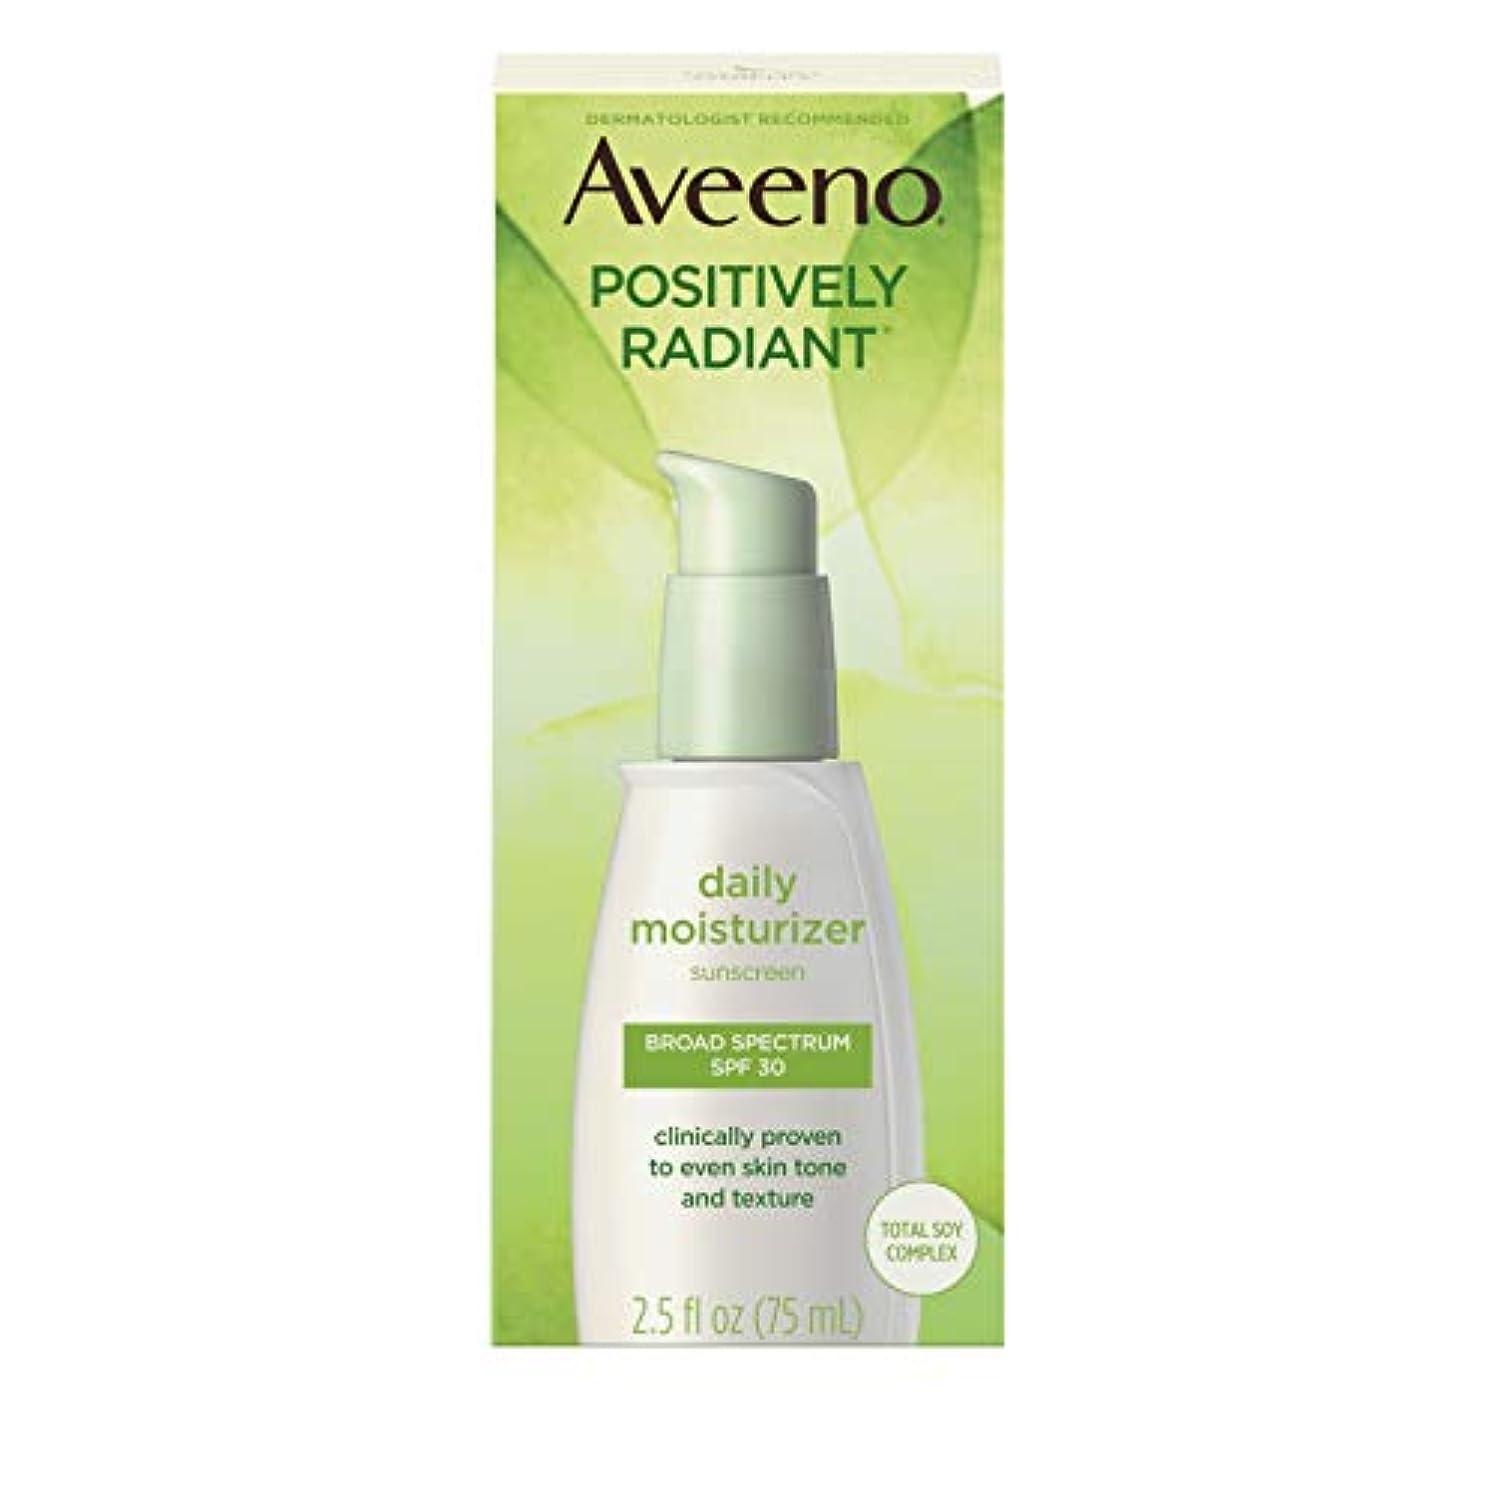 二次サミット銀河Aveeno Active Naturals Positively Radiant Daily Moisturizer SPF-30 UVA/UVB Sunscreen 73 ml